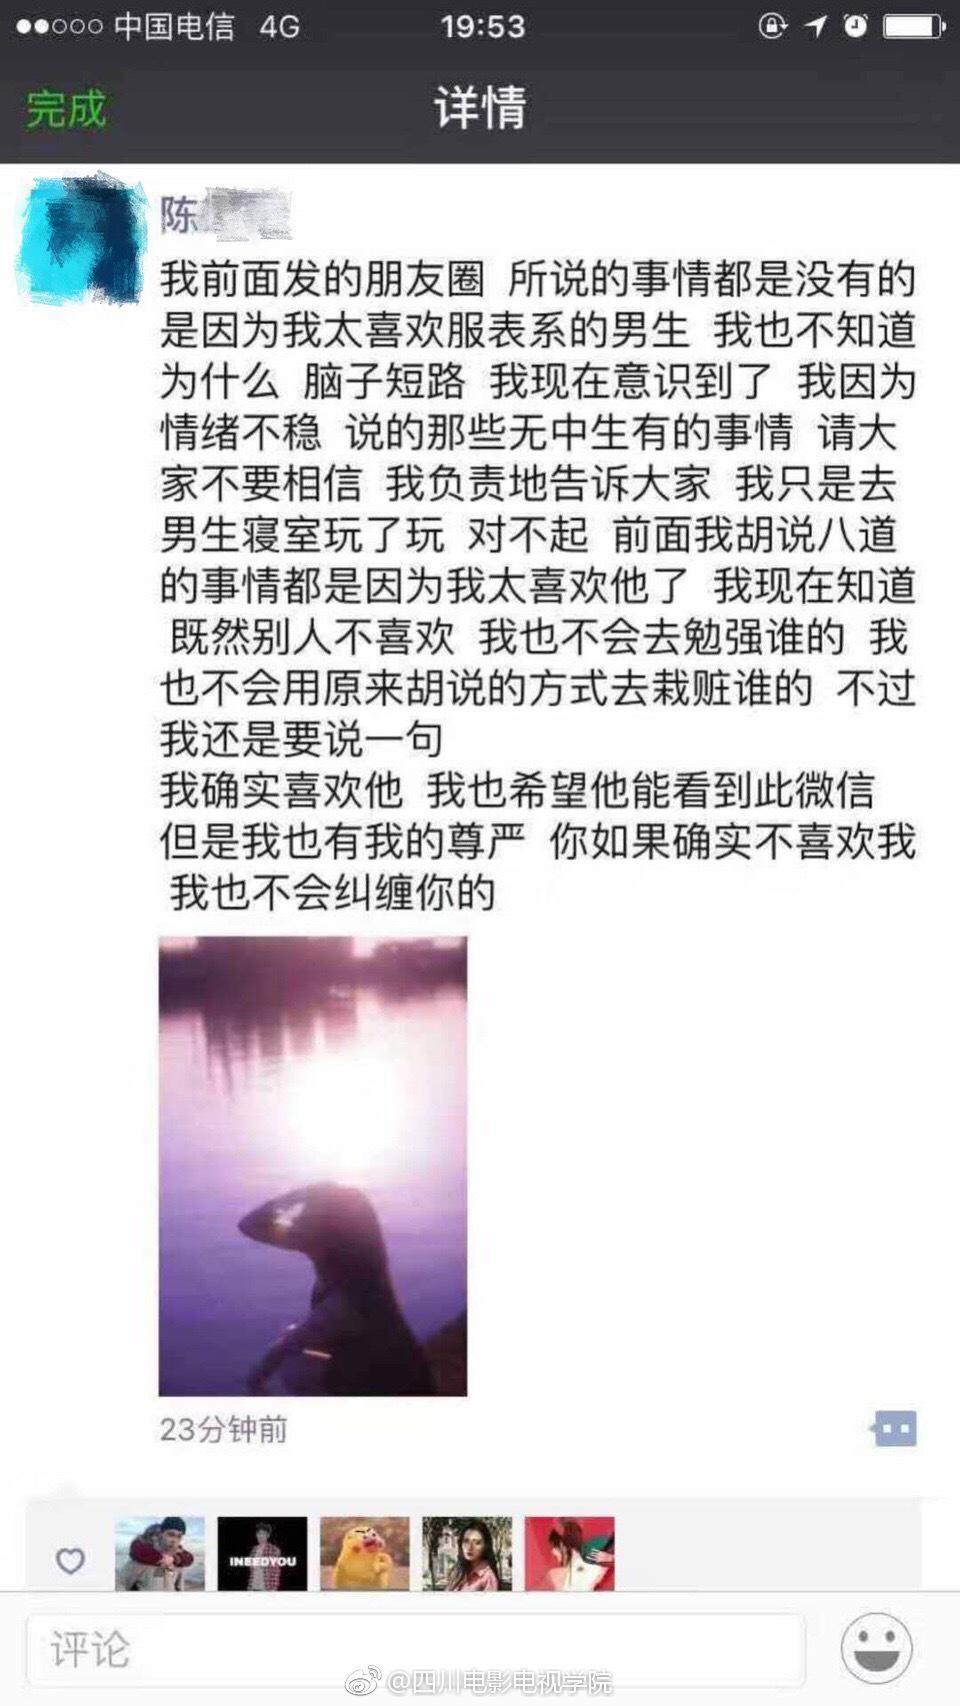 女生进男寝与多人发生关系?四川电影电视学院回应